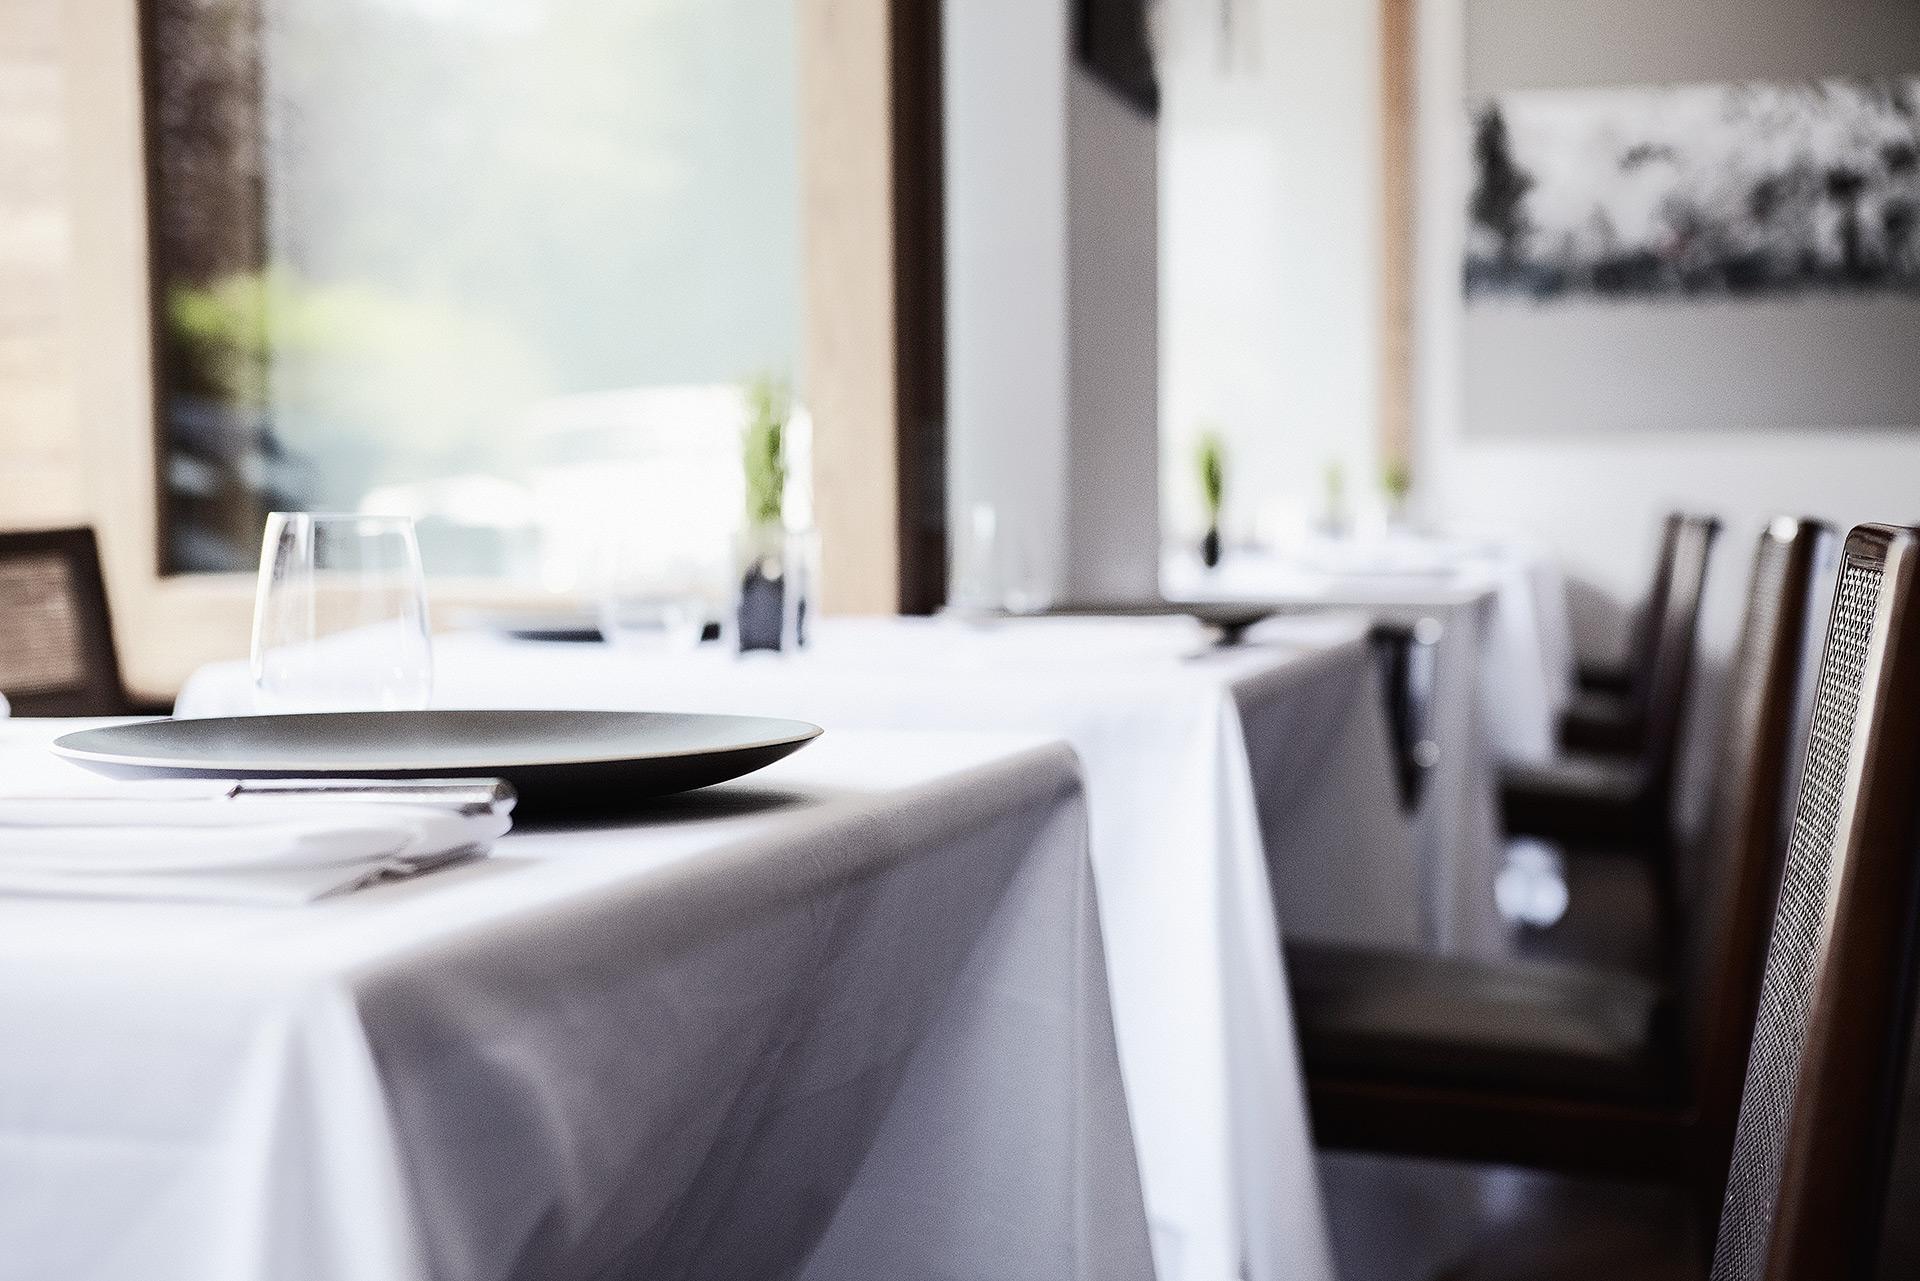 Restaurant Bild Tisch eingedeckt Bild 12